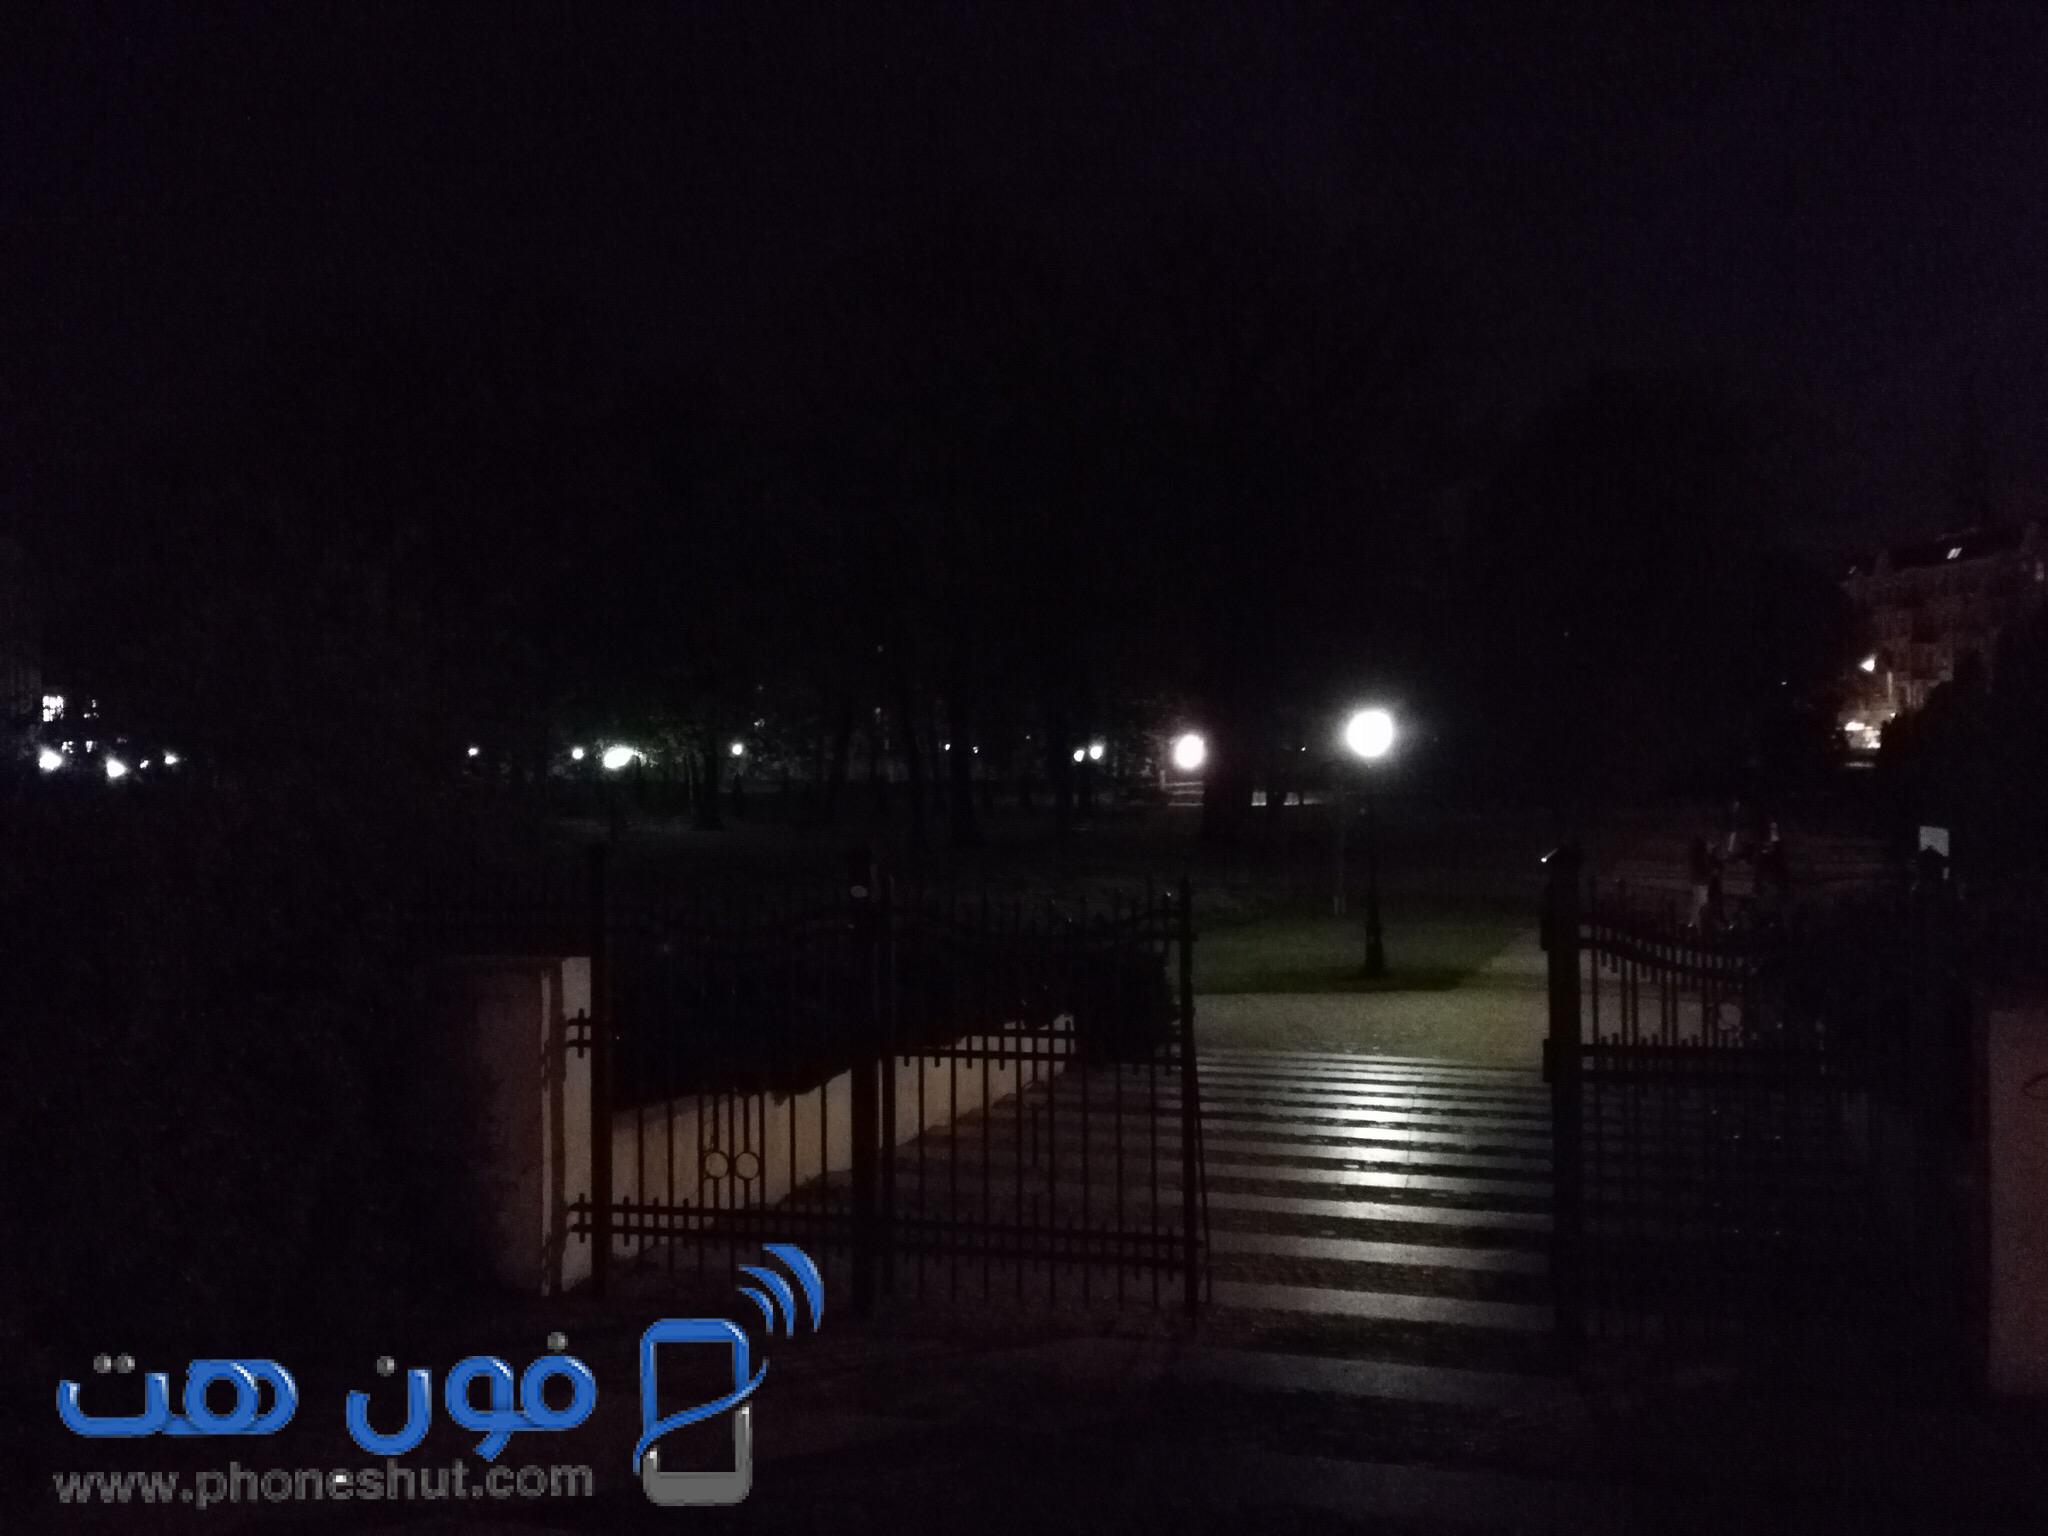 صورة بواسطة موبايل هواوي Honor 5x في ظروف إضاءة ضعيفة